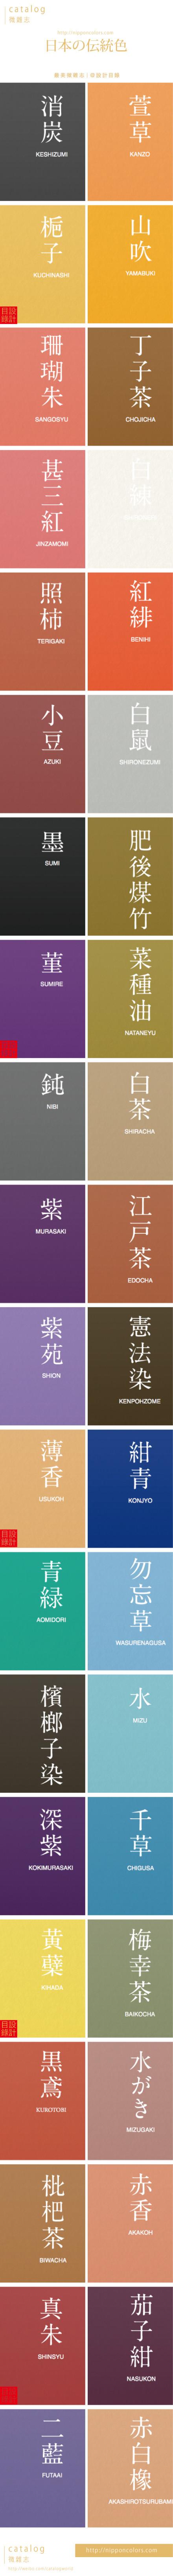 日本古代浪漫色系